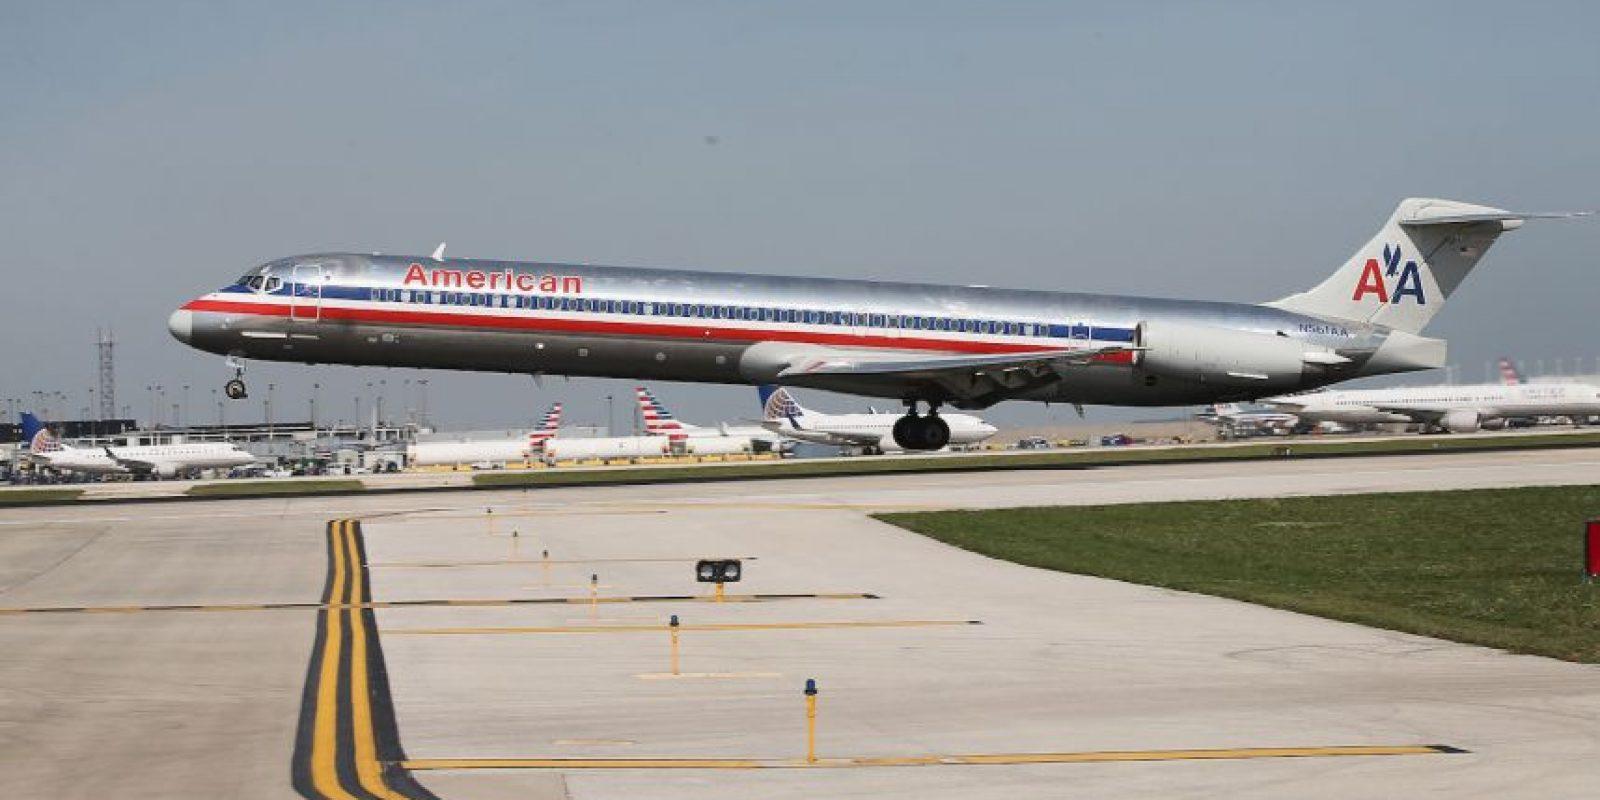 El vuelo partió de Phoenix a Boston, debido a la situación se tuvo que hacer una escala en Nueva York. Foto:Getty Images